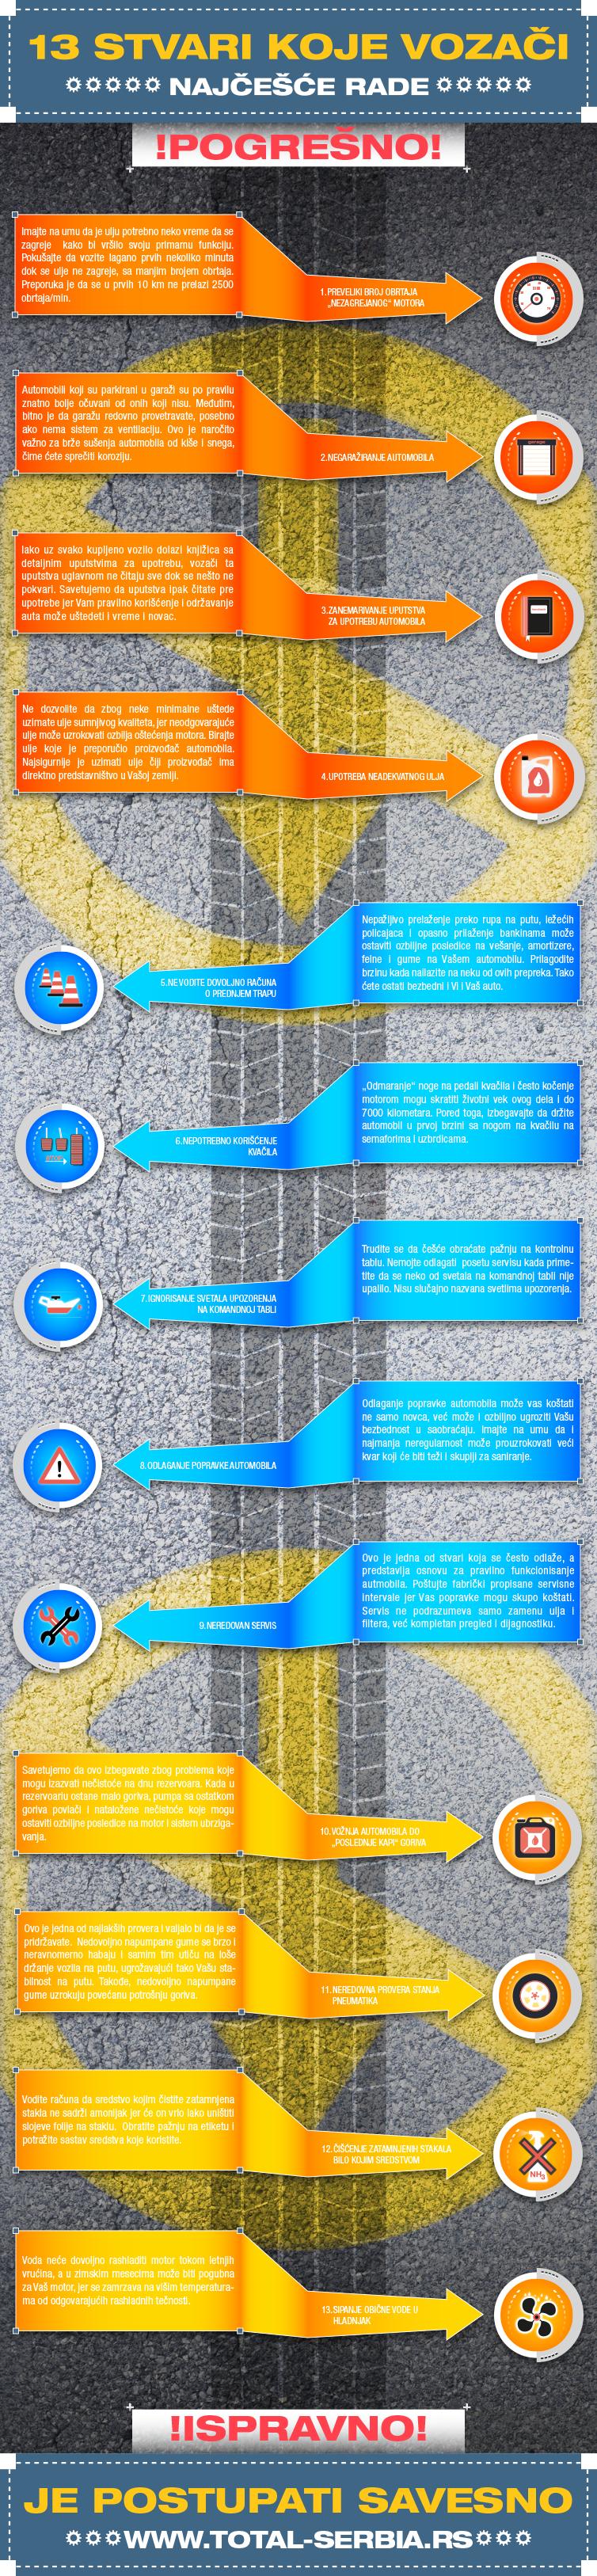 13 stvari koje vozači najčešće rade pogrešno